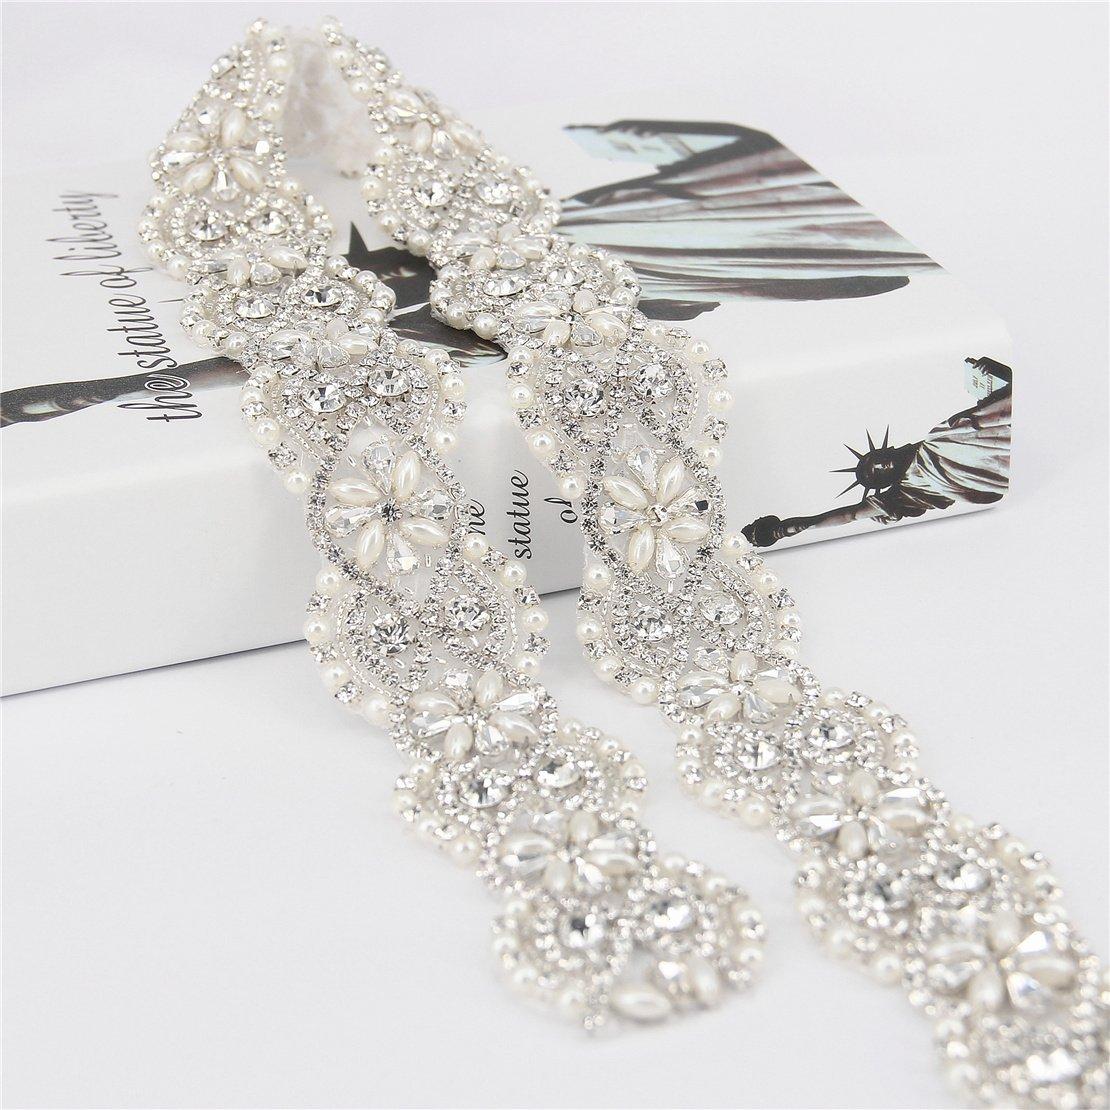 Trlyc 2015 New Vintage Crystal Wedding Belt Dress Belt Crystal Rhinestone Pearl Bridal Sash by TRLYC